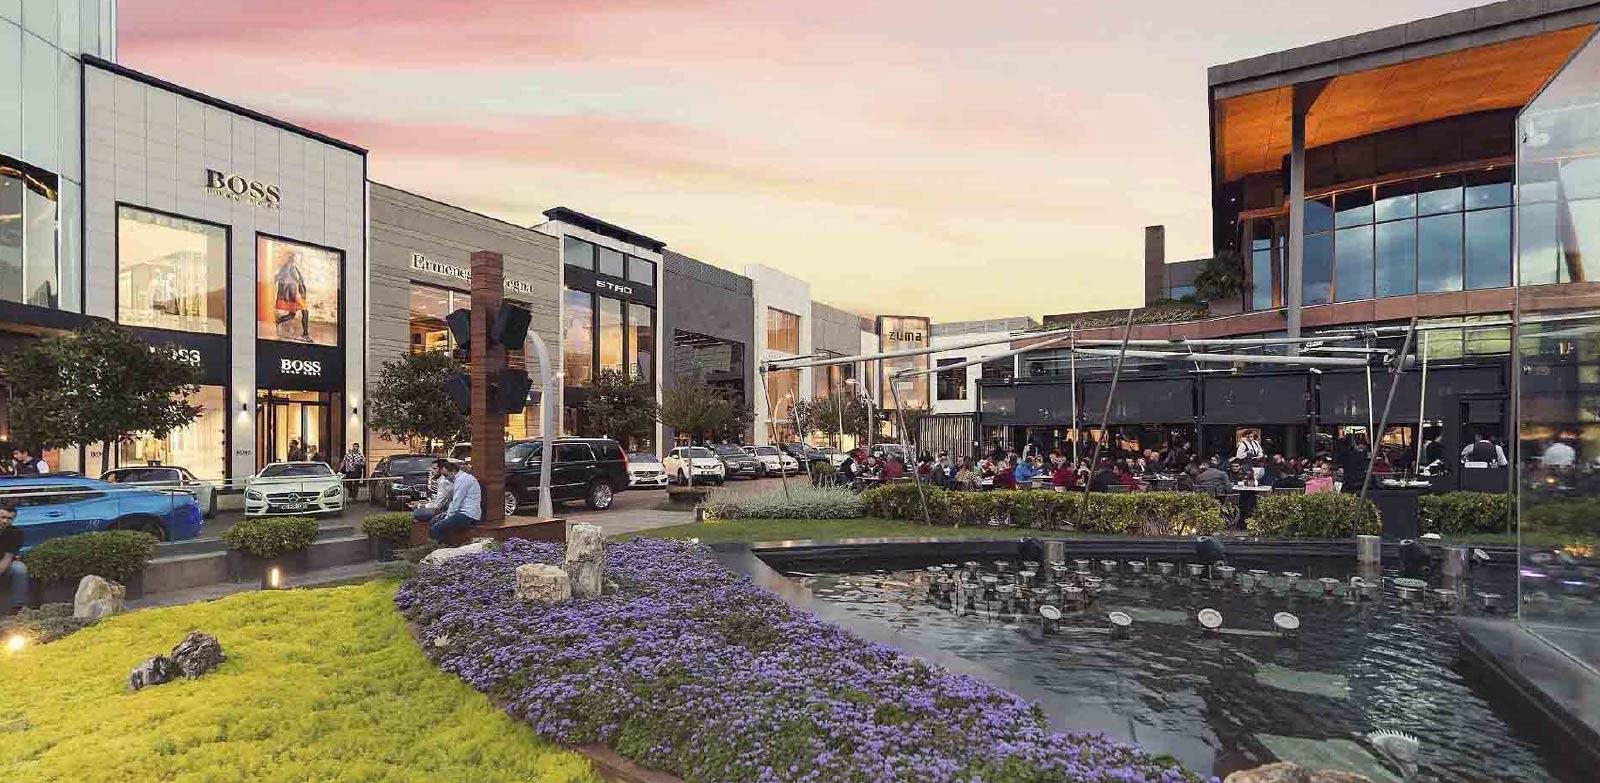 m3m sco amenities features3